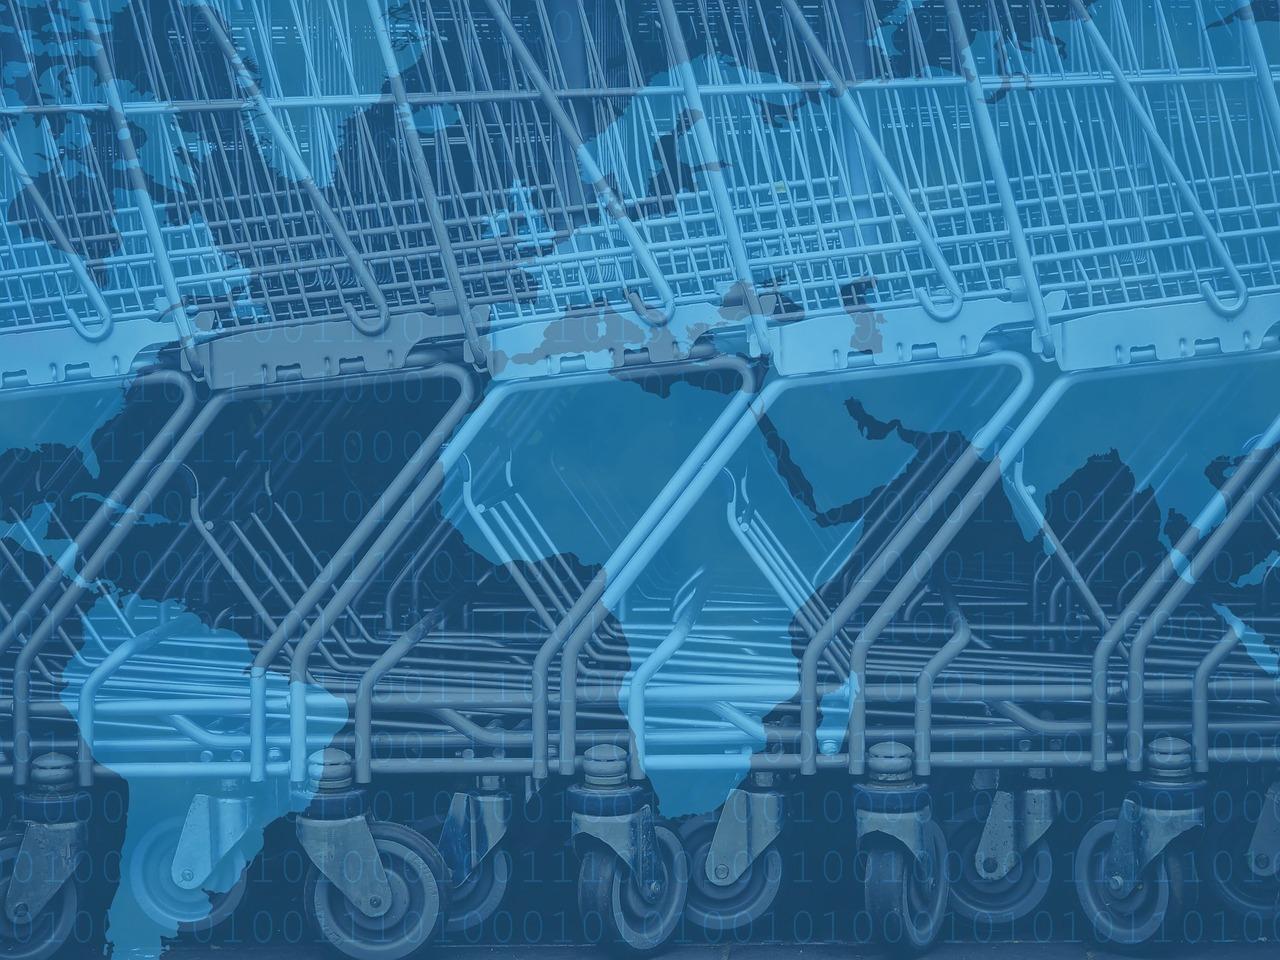 Здійснення закупівель товарів (послуг), частину вартості яких відшкодовують